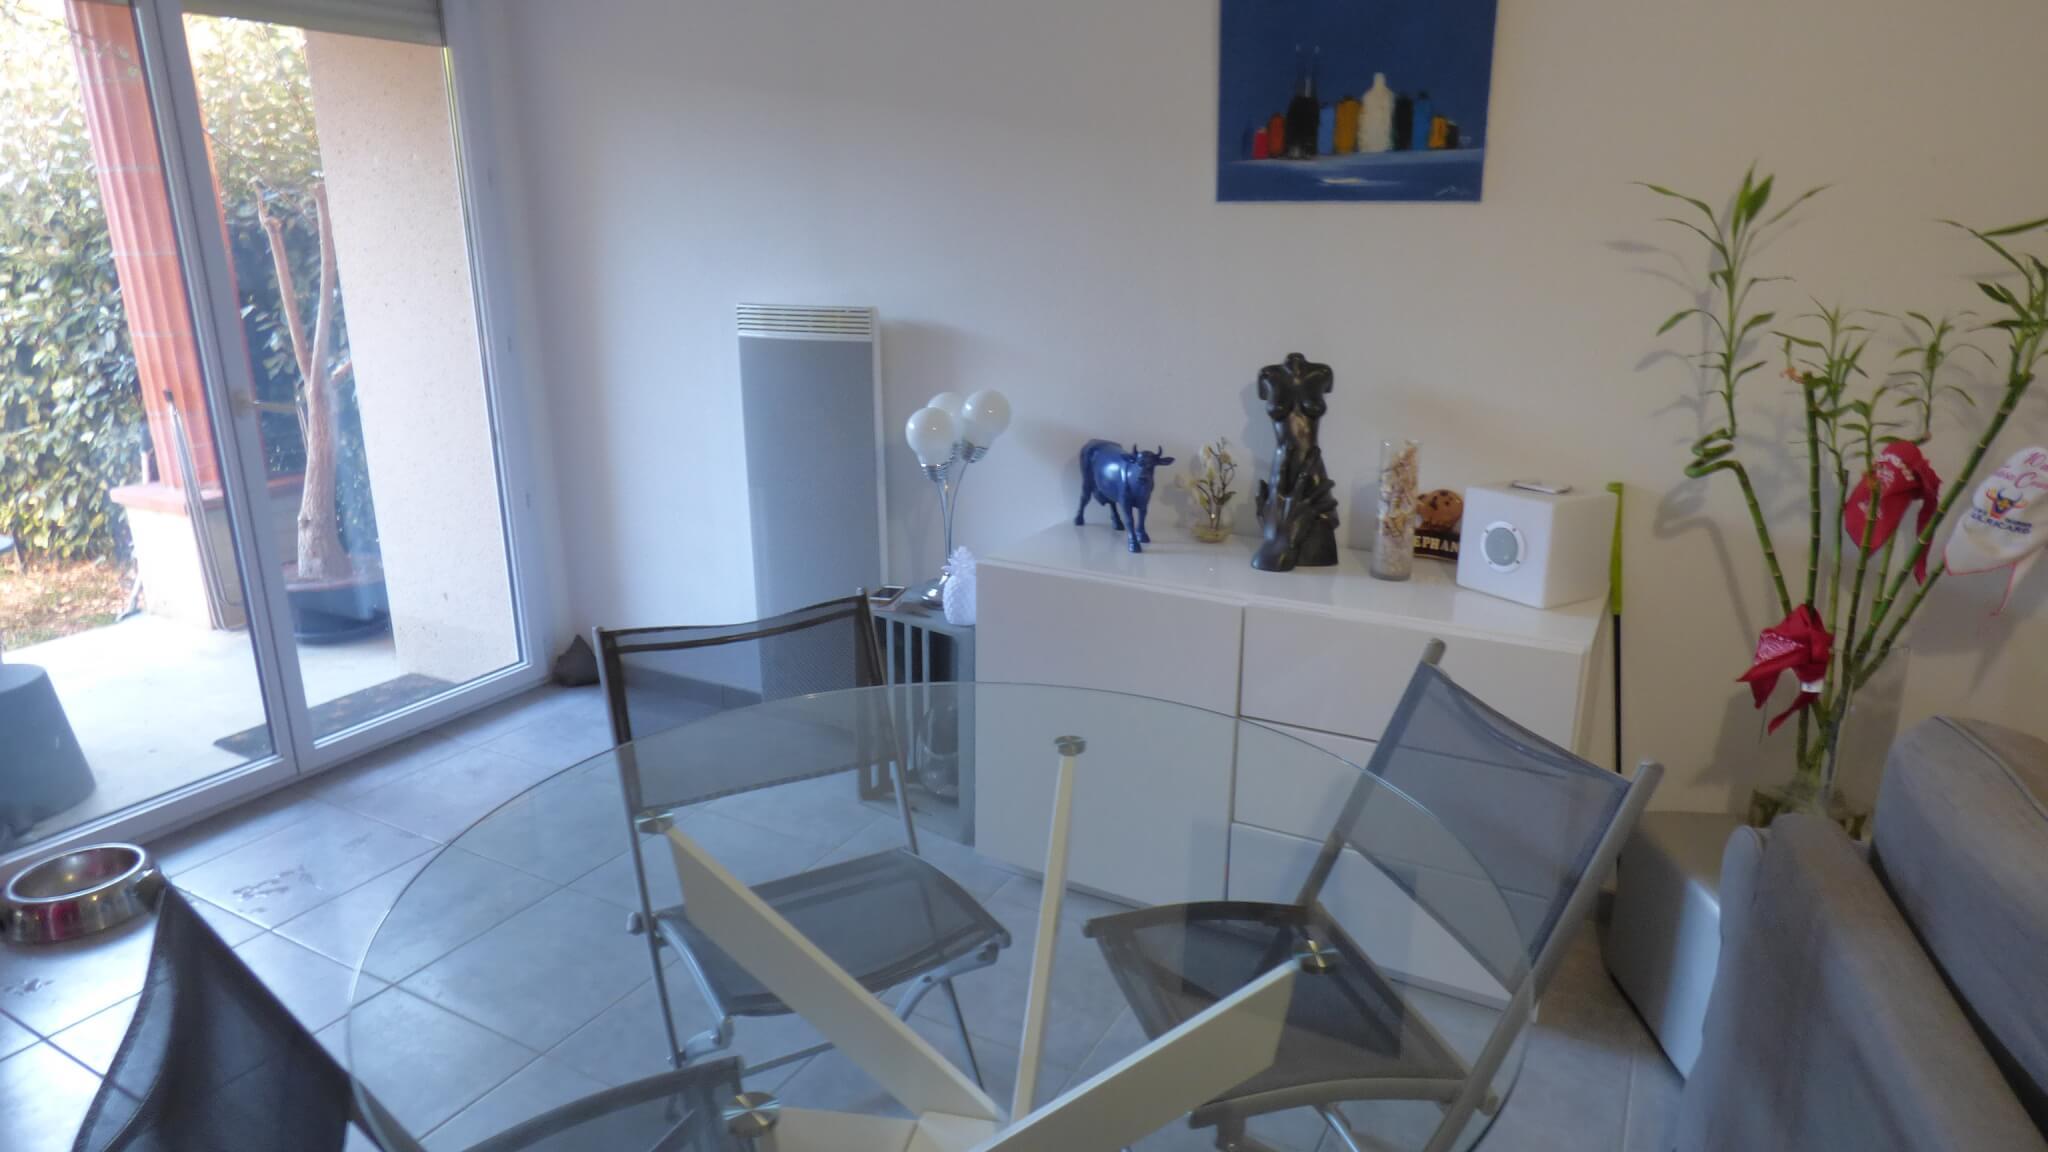 Appartement T2 , jardin, piscine VENDU